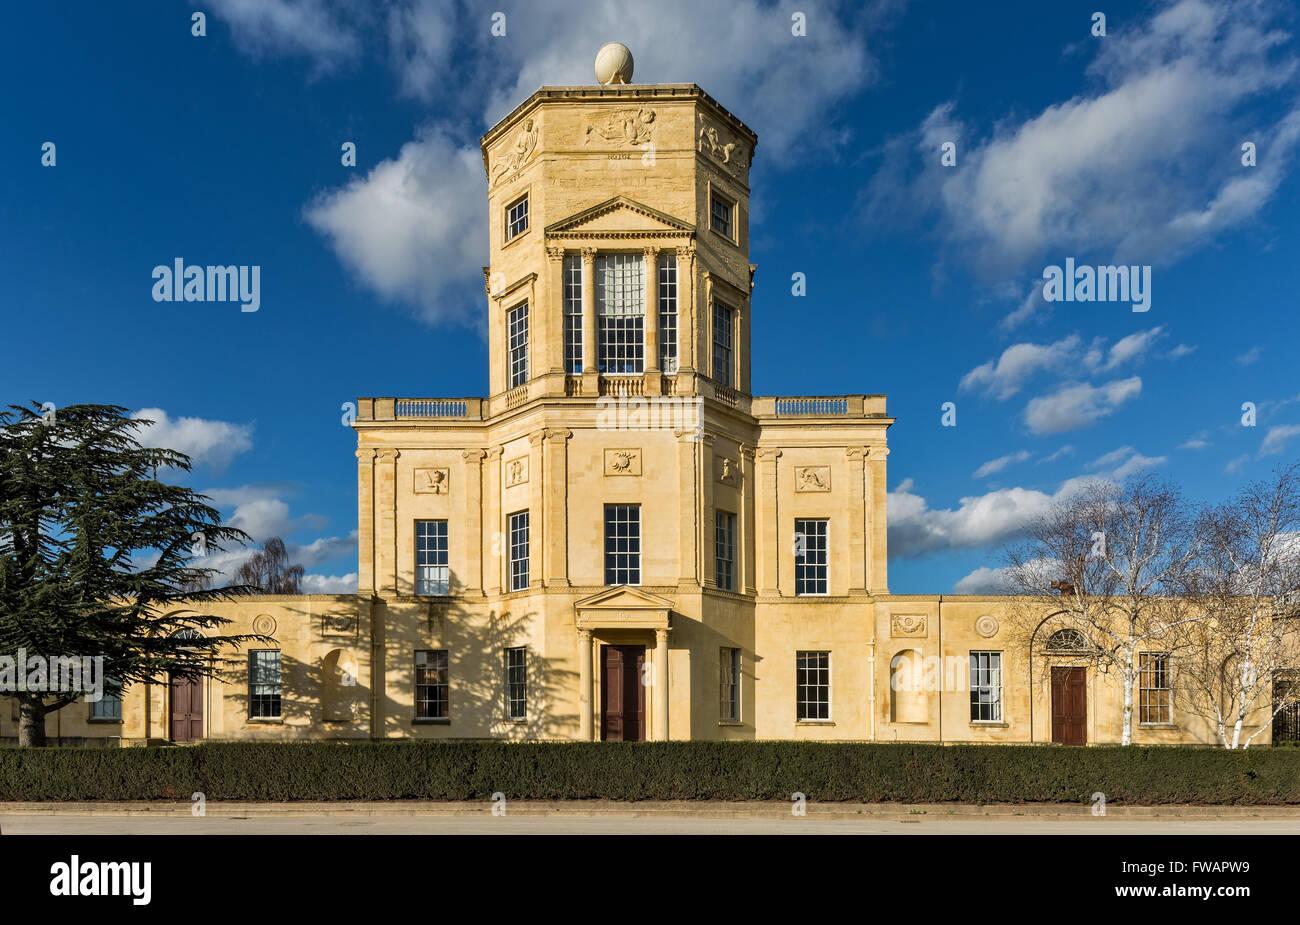 La Radcliffe osservatorio in Oxford Immagini Stock